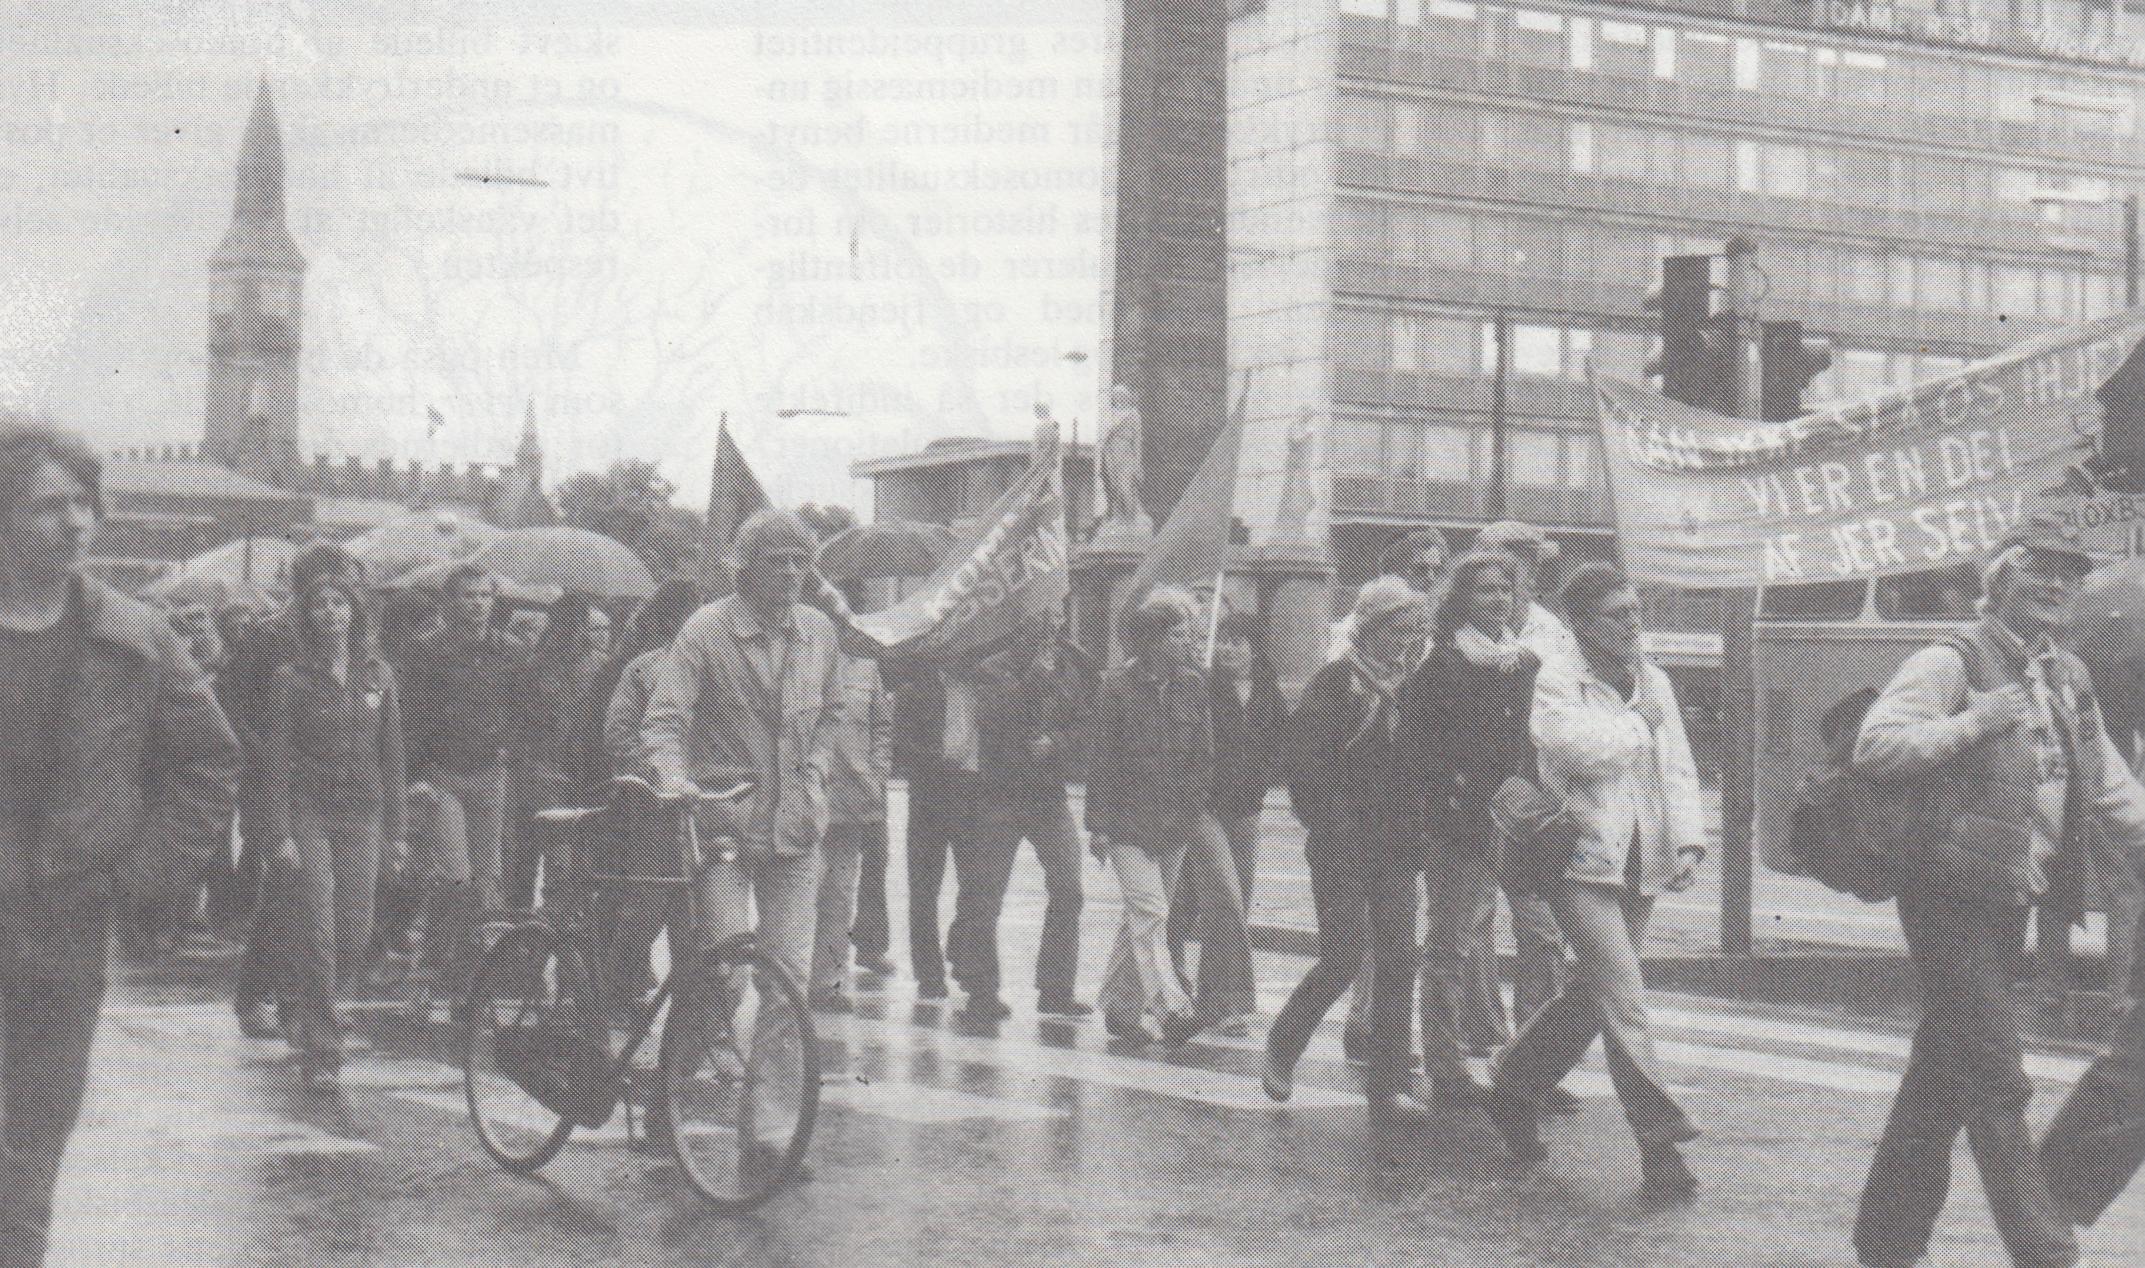 Gammelt billede af en demonstration i København. LGBT+ personer demonstrerer med bannere og i baggrunden ses Københavns Rådhus